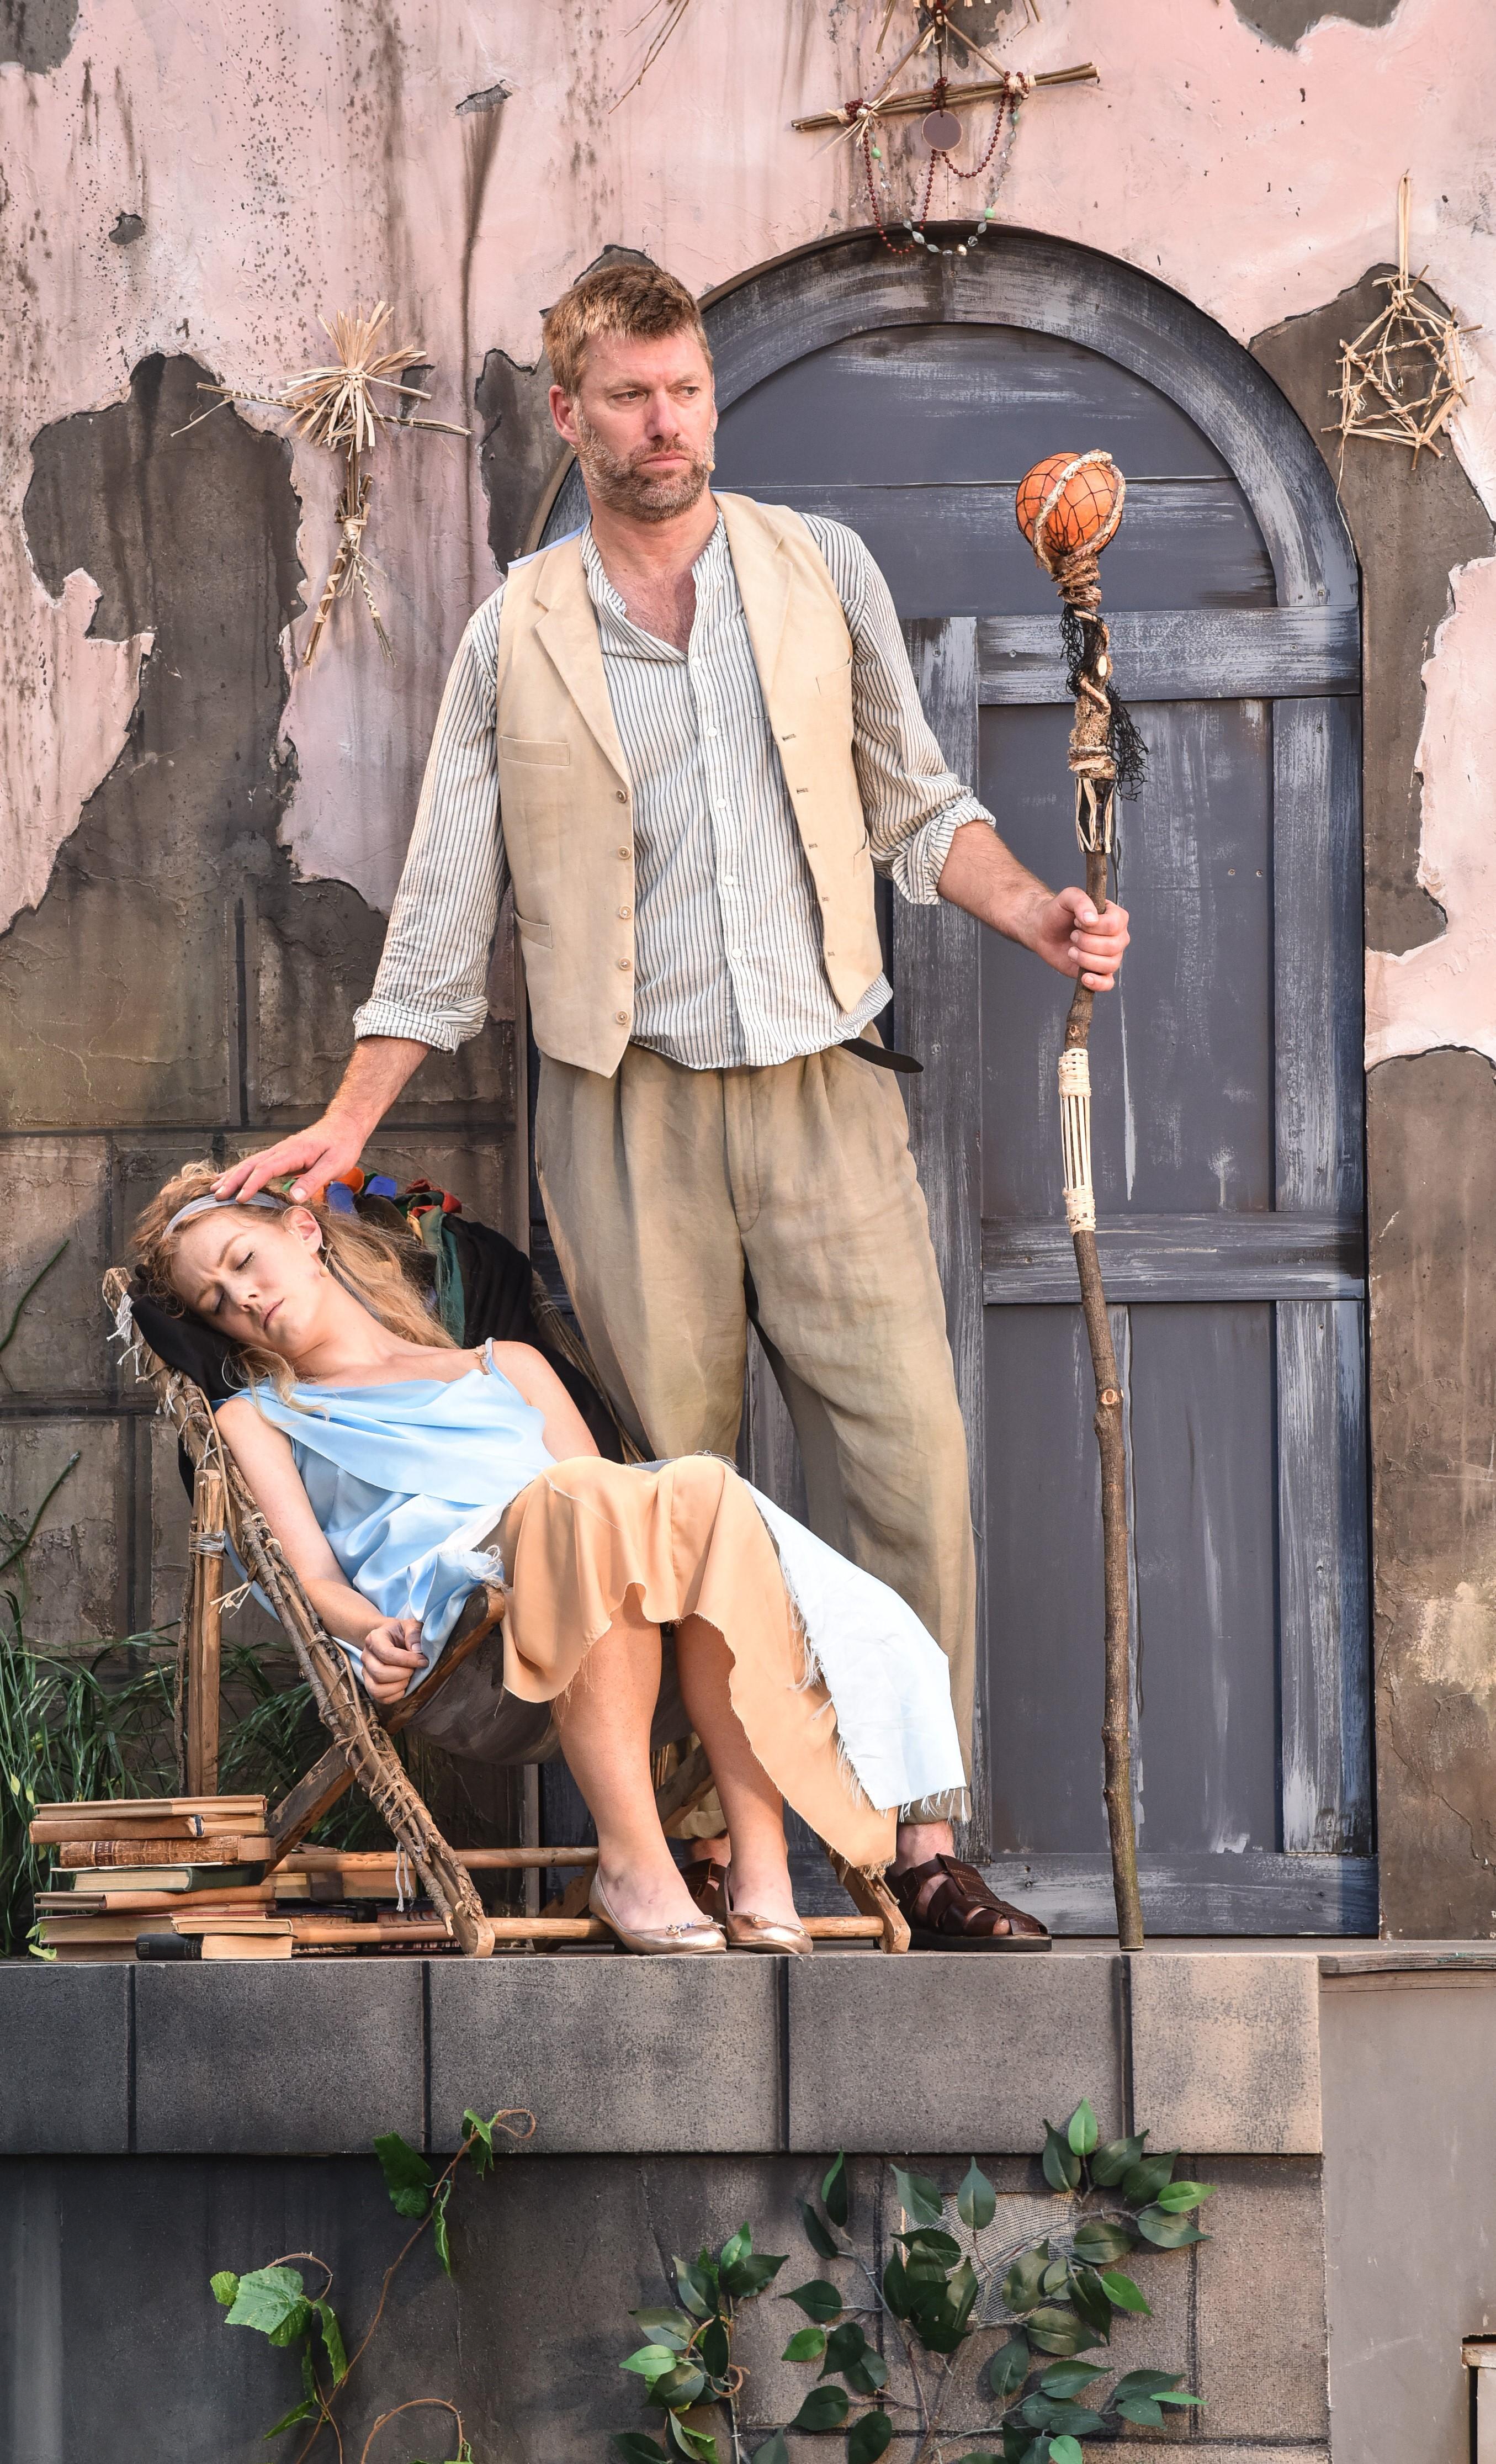 Stephen Beckett and Grace Carter